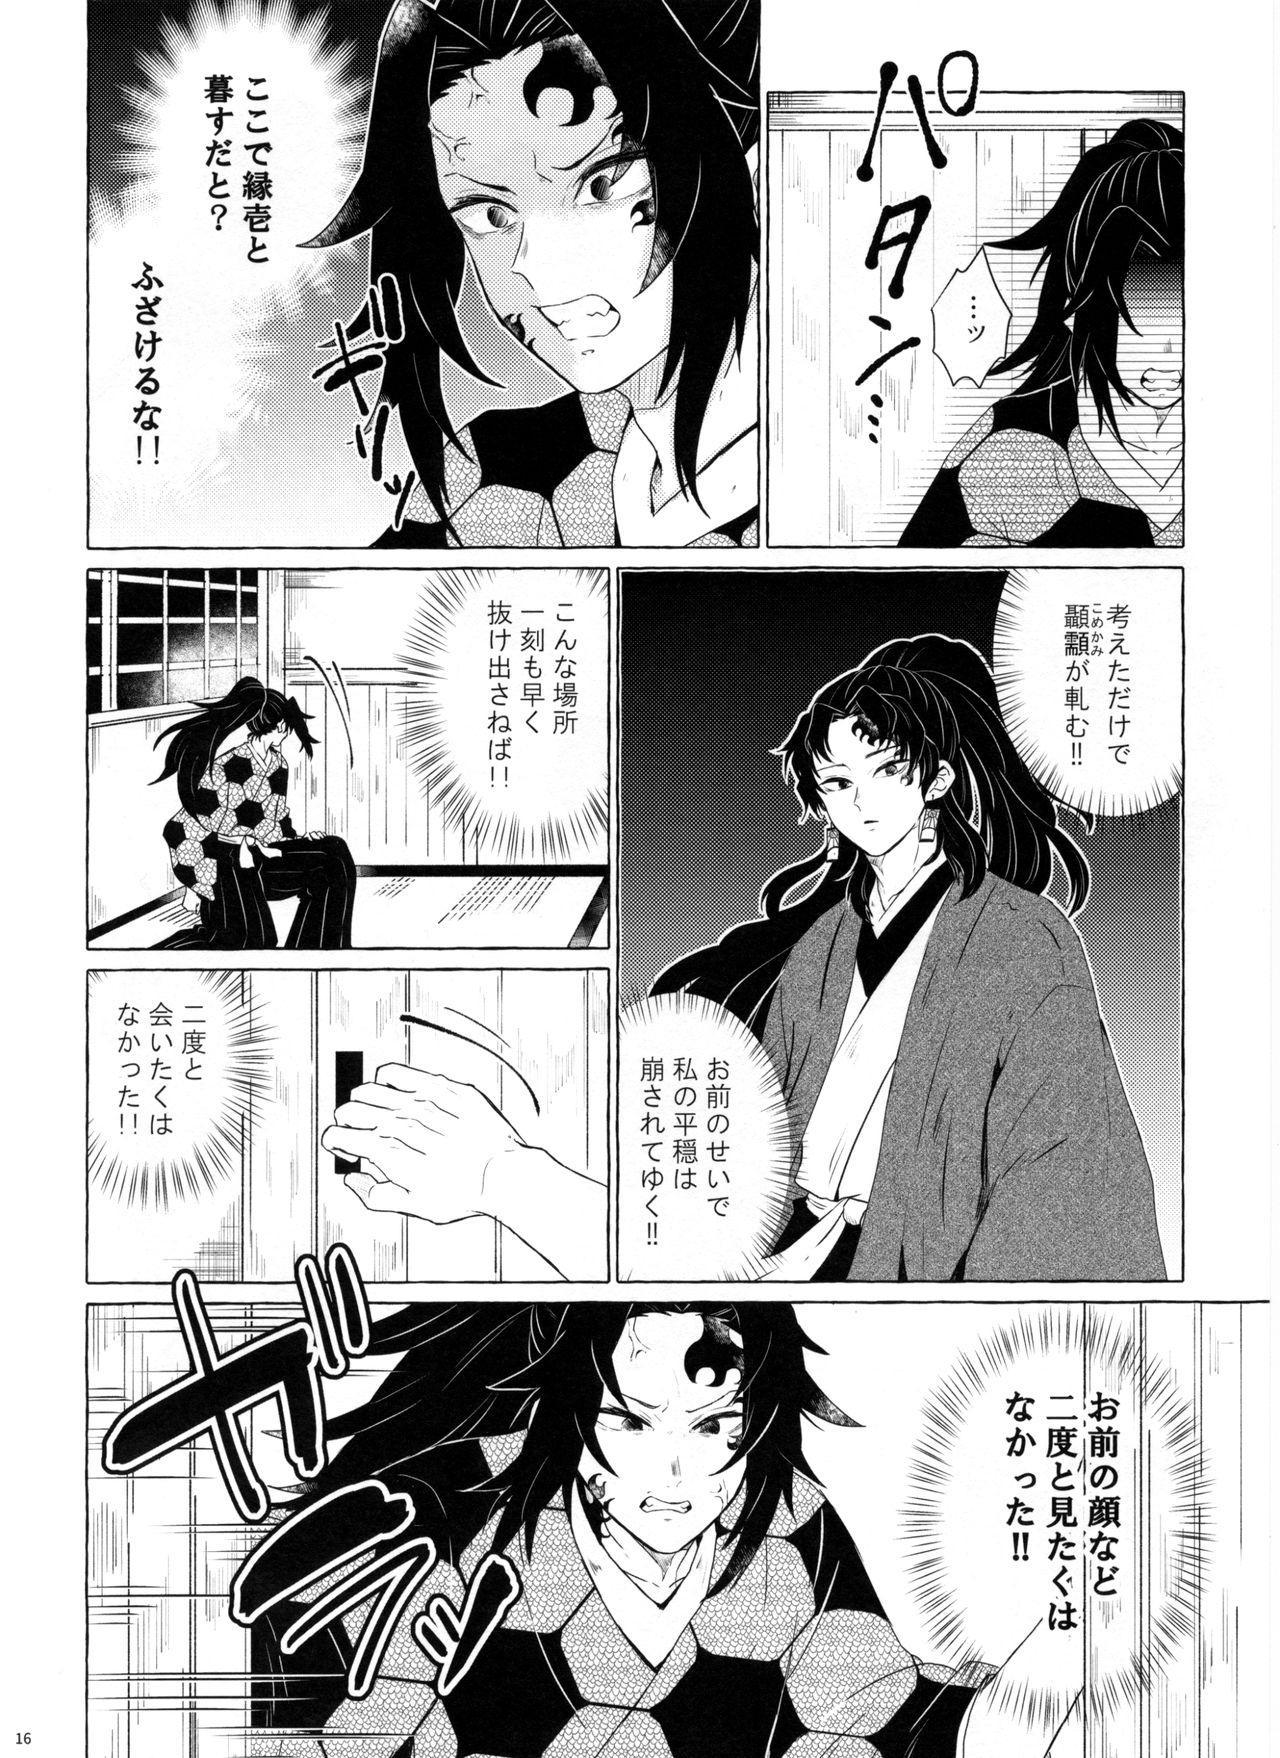 Tanoshii Jigoku no Icchoume 14